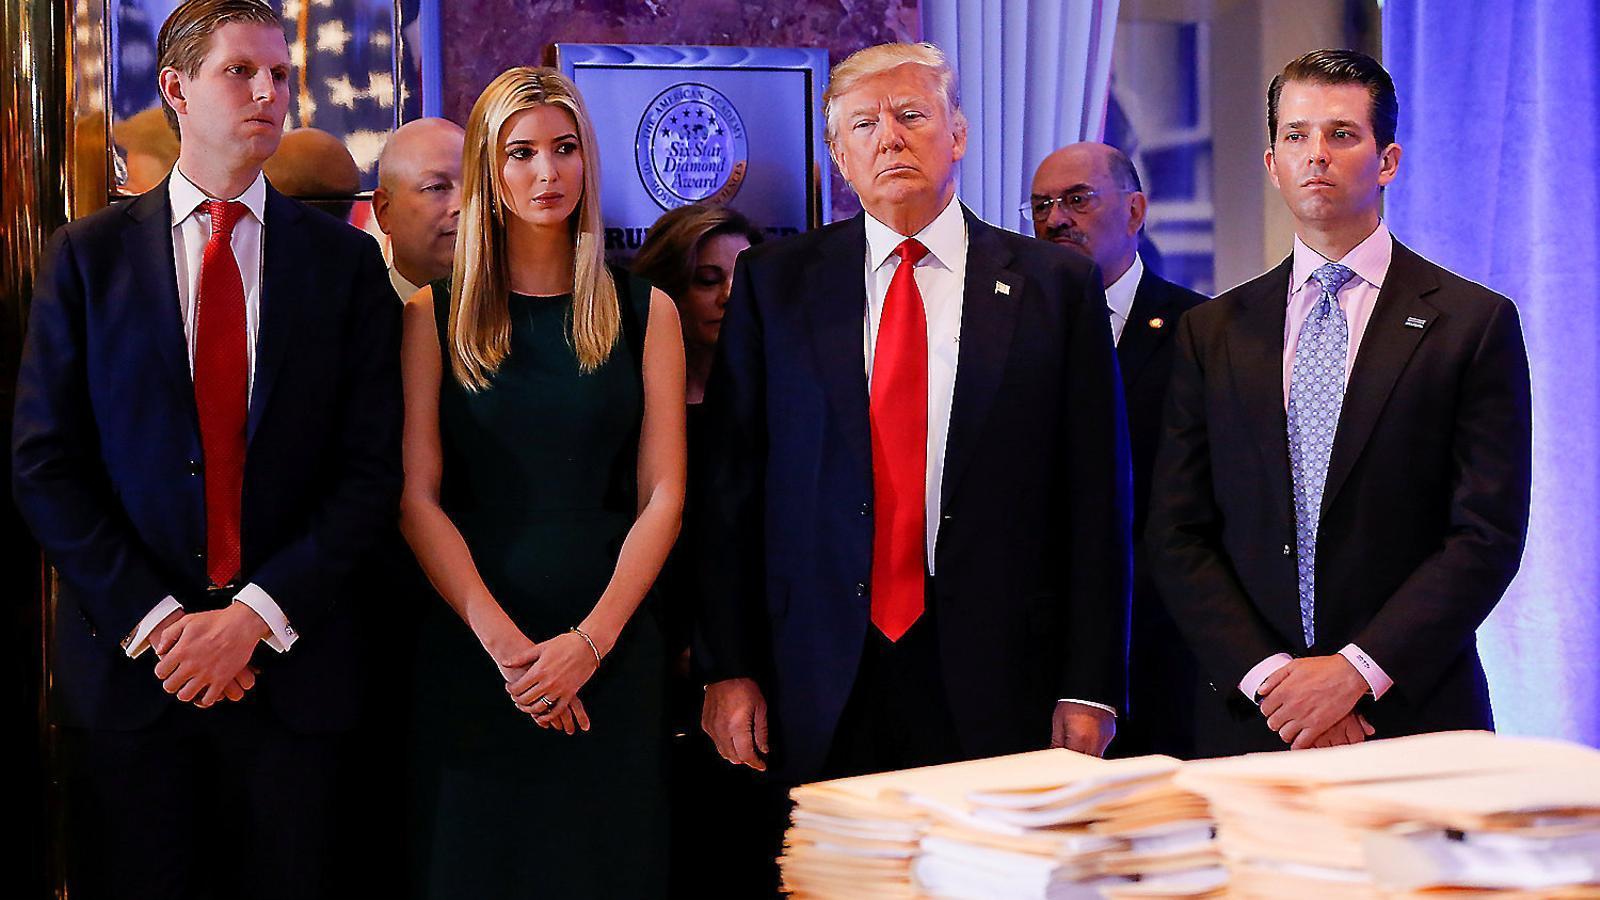 El president nord-americà amb els seus fills Eric, Ivanka i Donald Jr., també acusats d'aprofitar-se de la fundació benèfica.